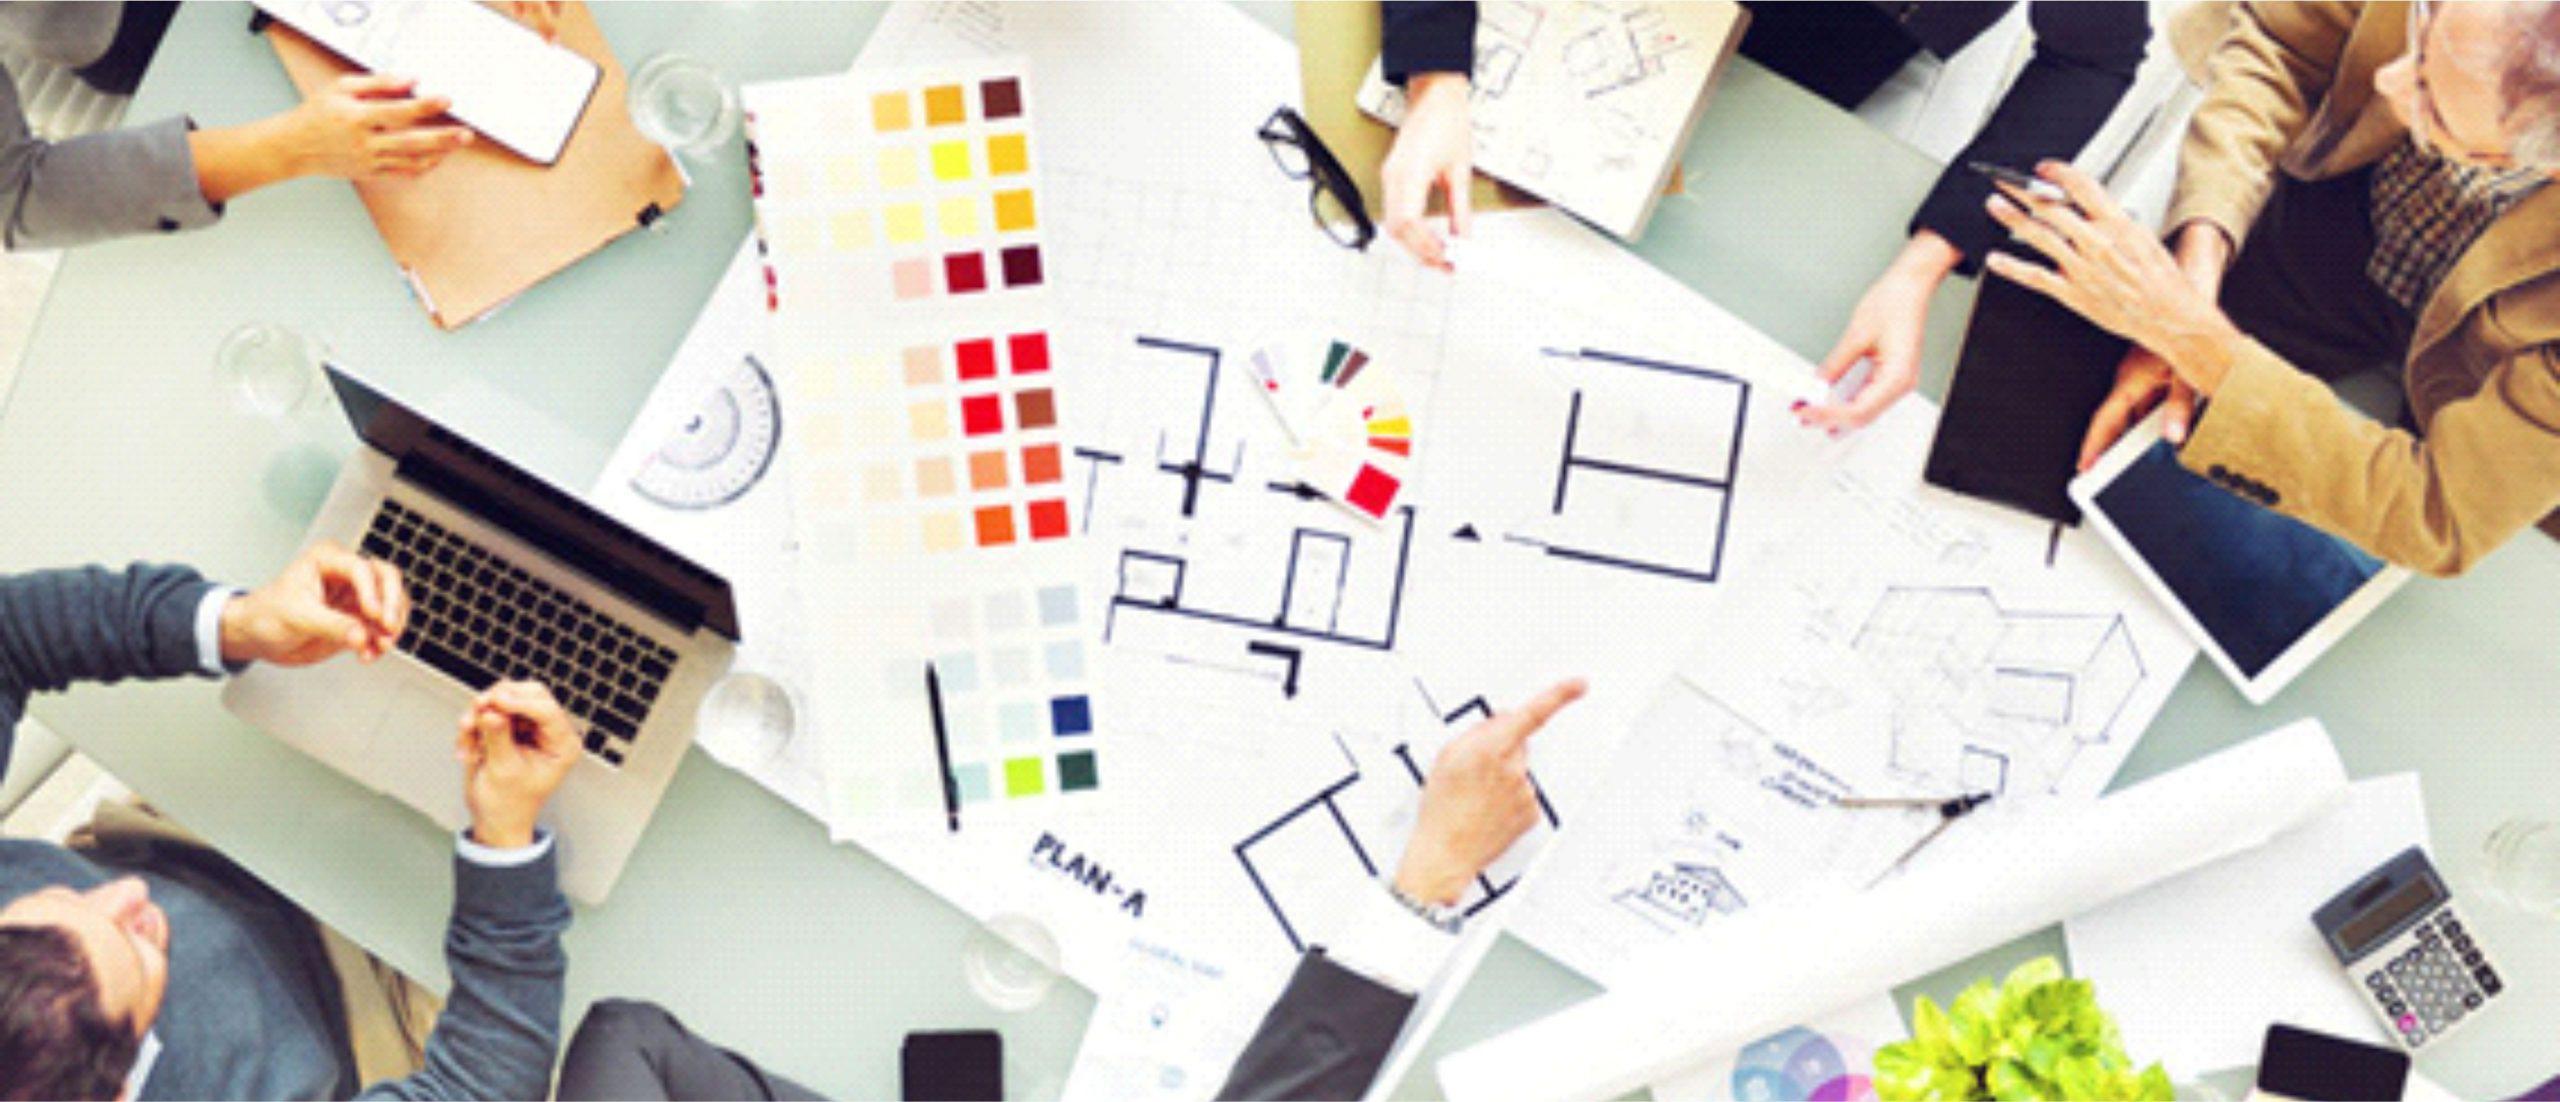 La importancia del diseñador gráfico